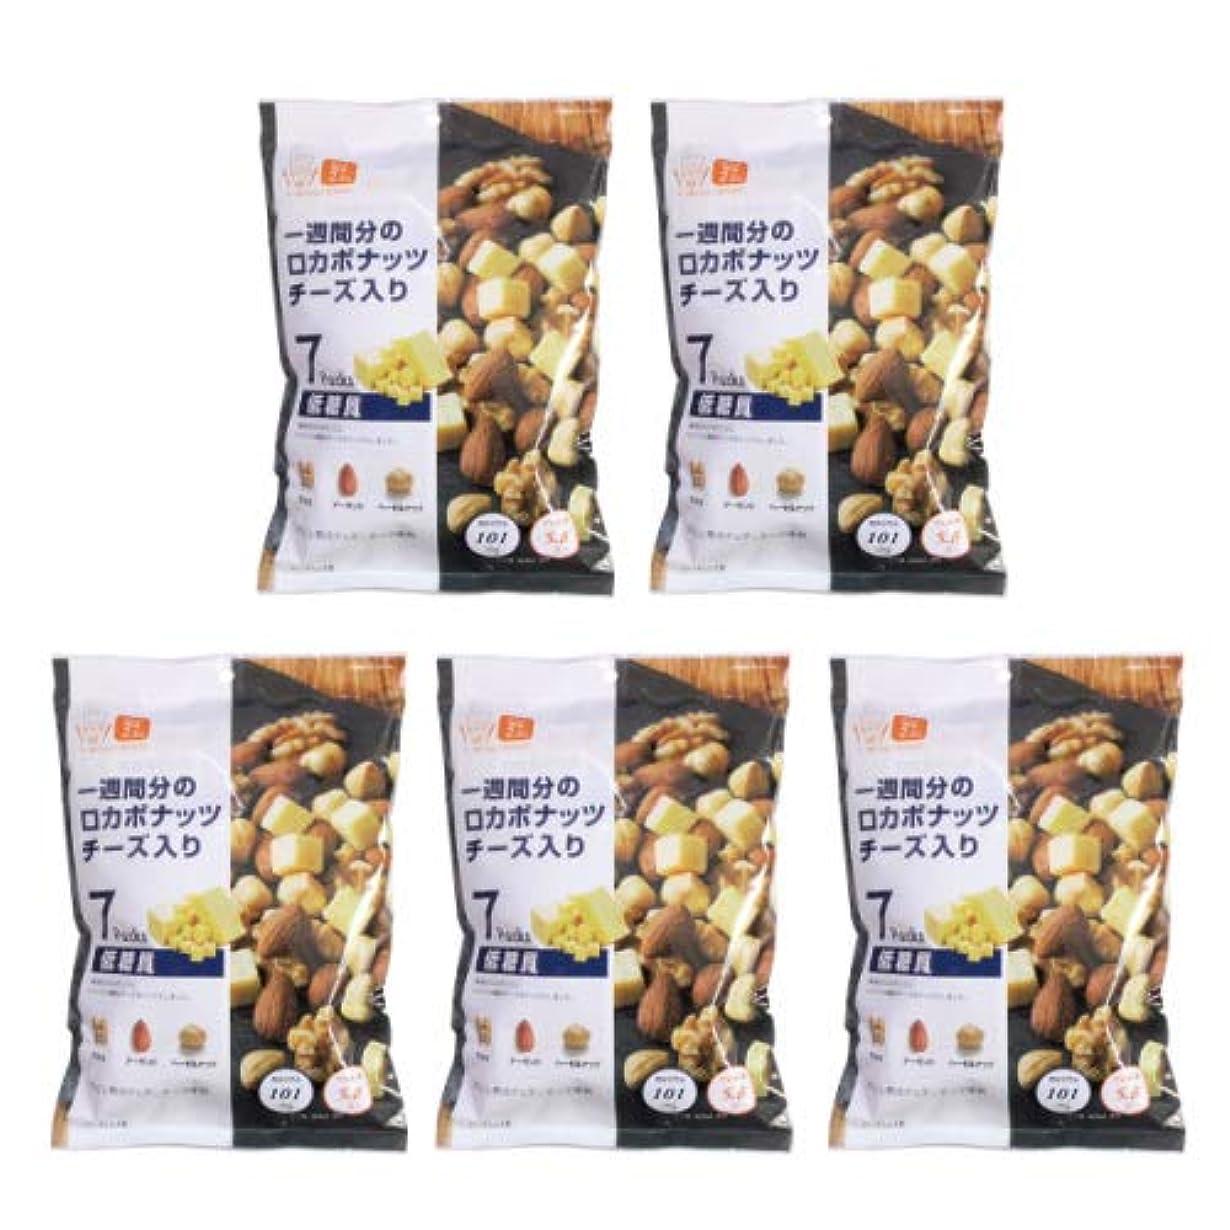 迷路領収書ポンドデルタ ロカボナッツ チーズ入り 23g×7袋入【5個セット】